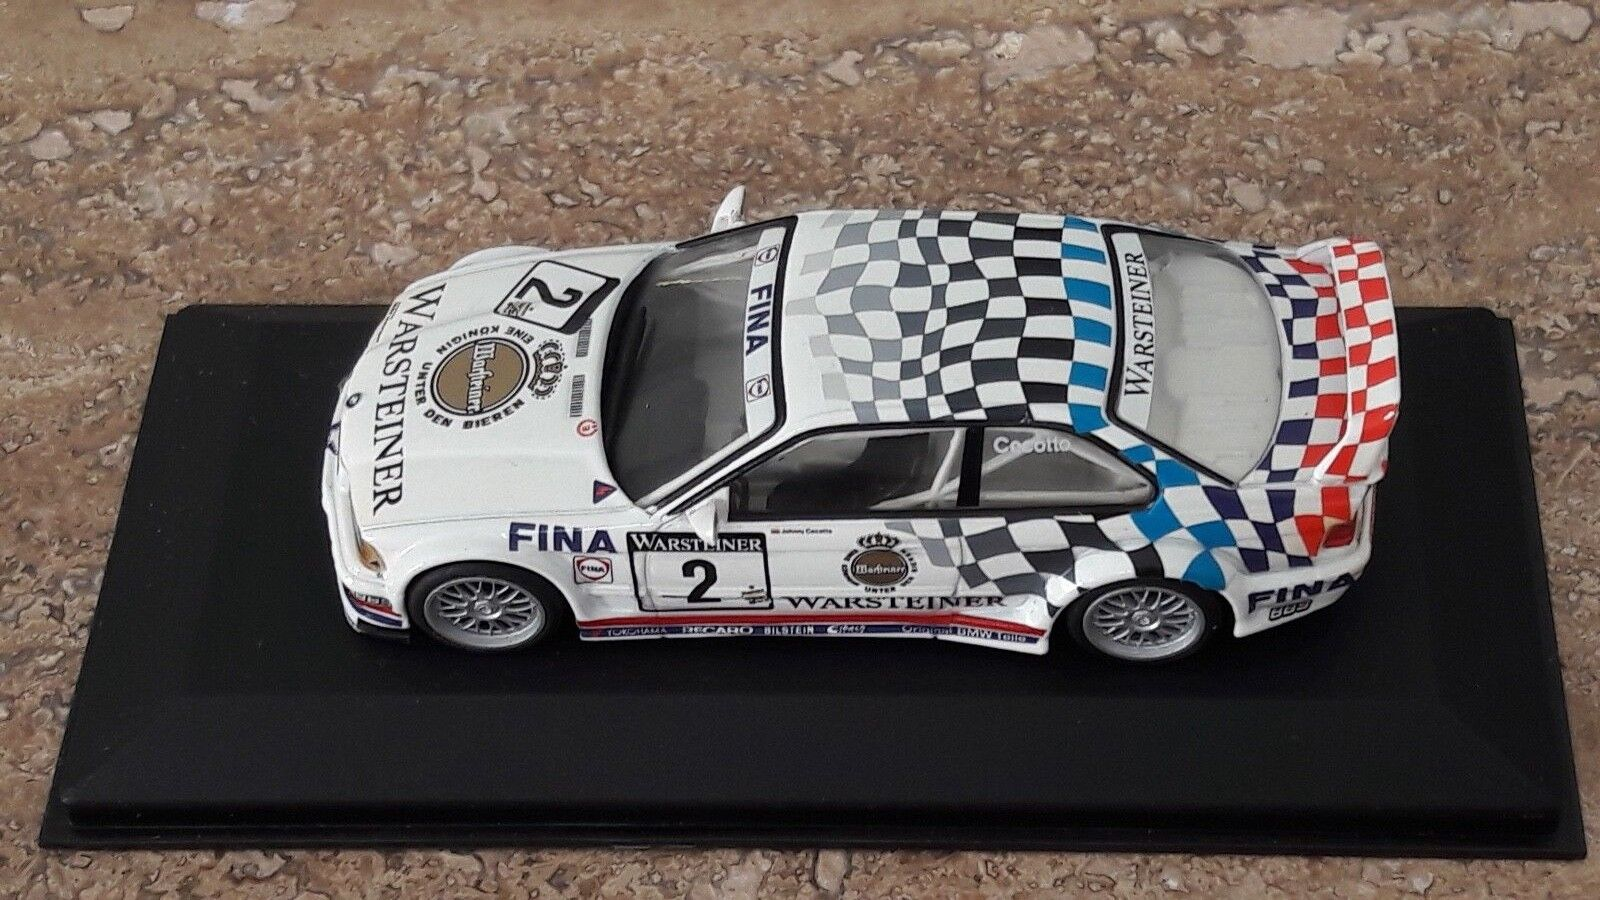 BMW M3 GTR E36 Warsteiner  2 - ADAC GT 1993 - Johnny Cecotto - Minichamps 1 43